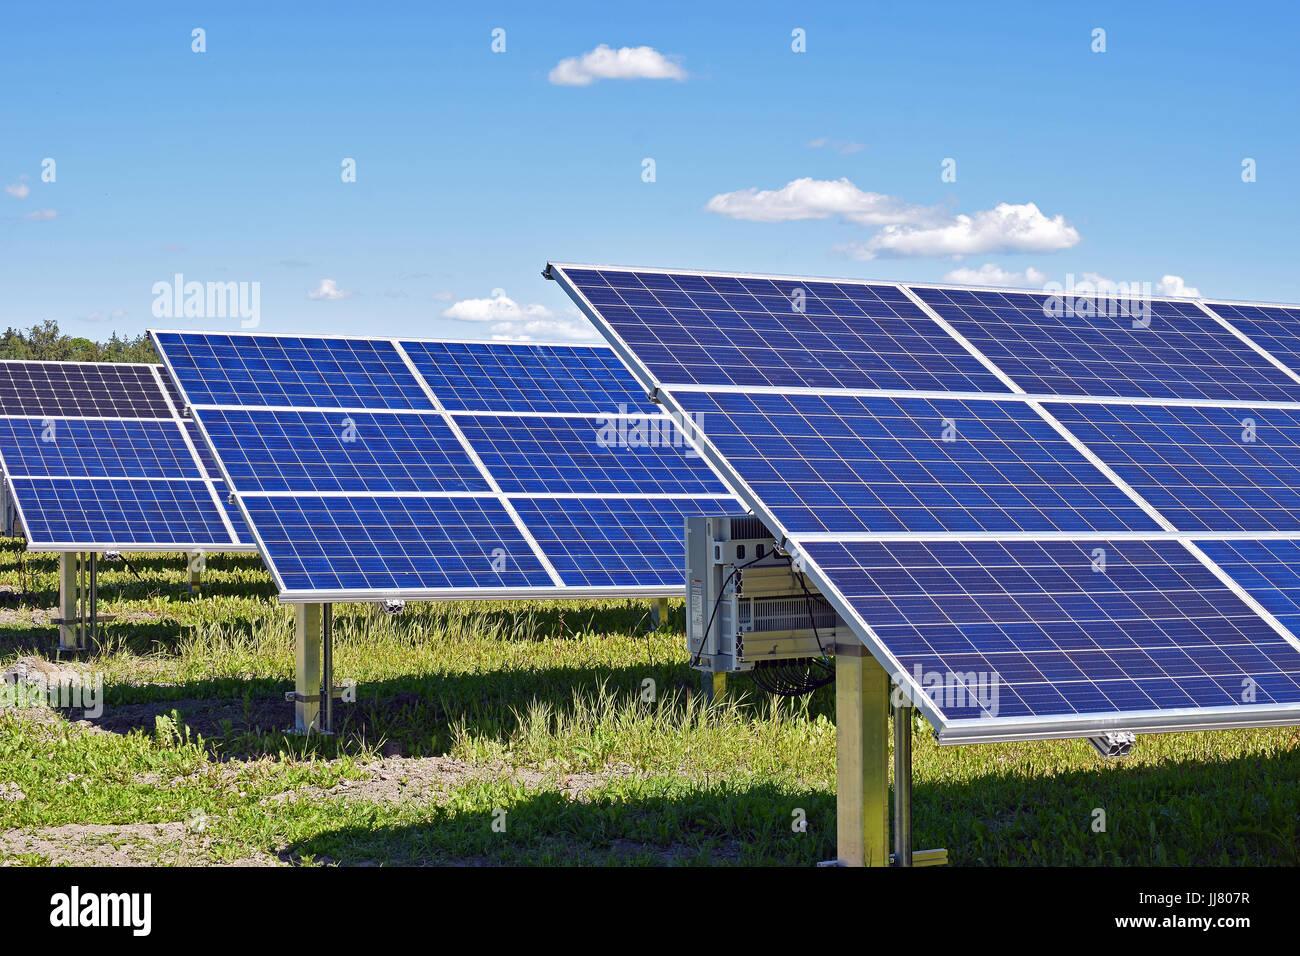 Paneles solares en campo. Cielo claro con unas pequeñas nubes de fondo. Imagen De Stock